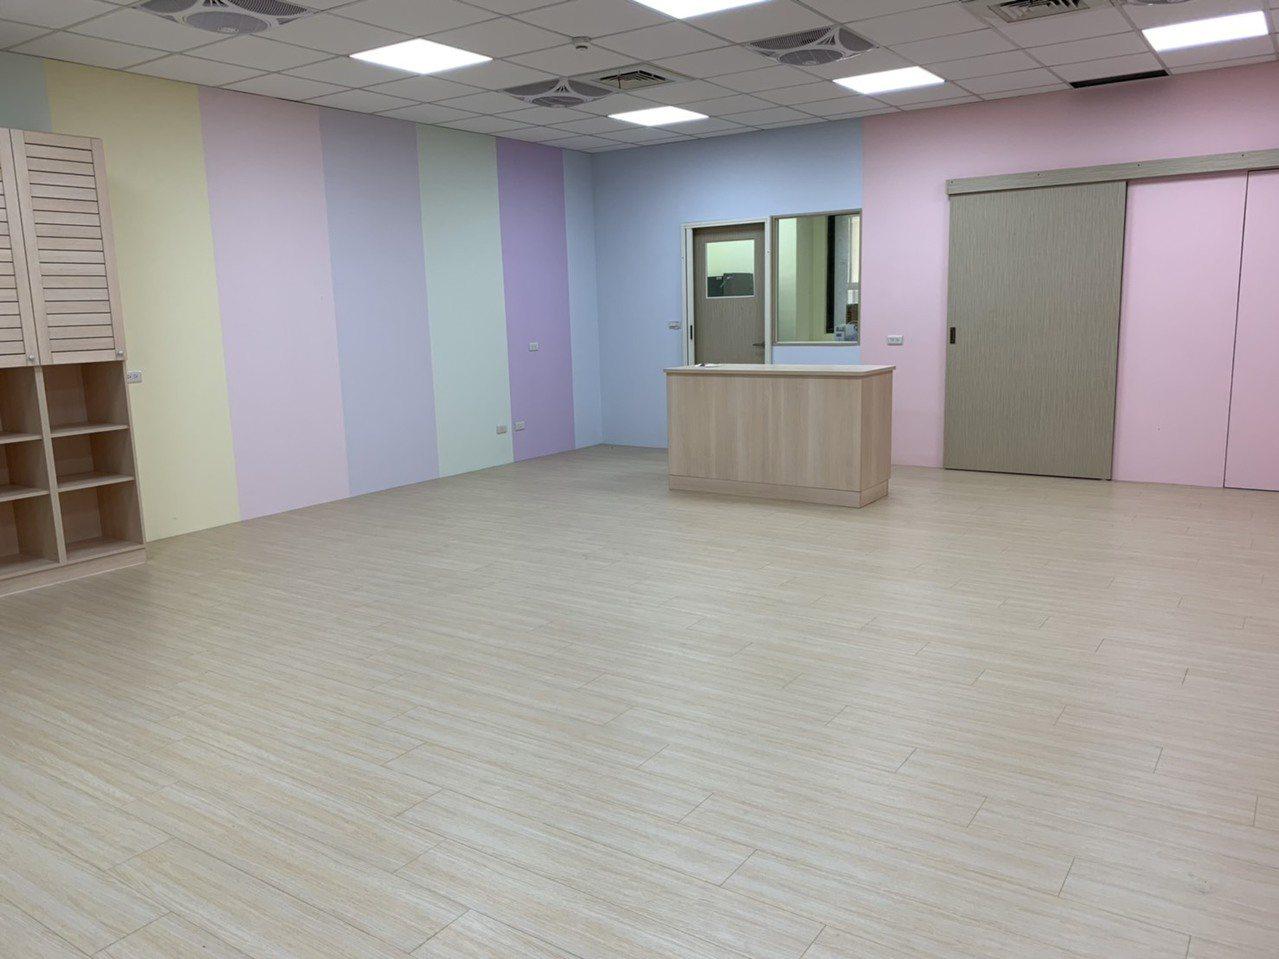 新竹縣政府B棟1樓的公共托育家園硬體設施已完工,目前正在籌備招生計畫及上網招標作...